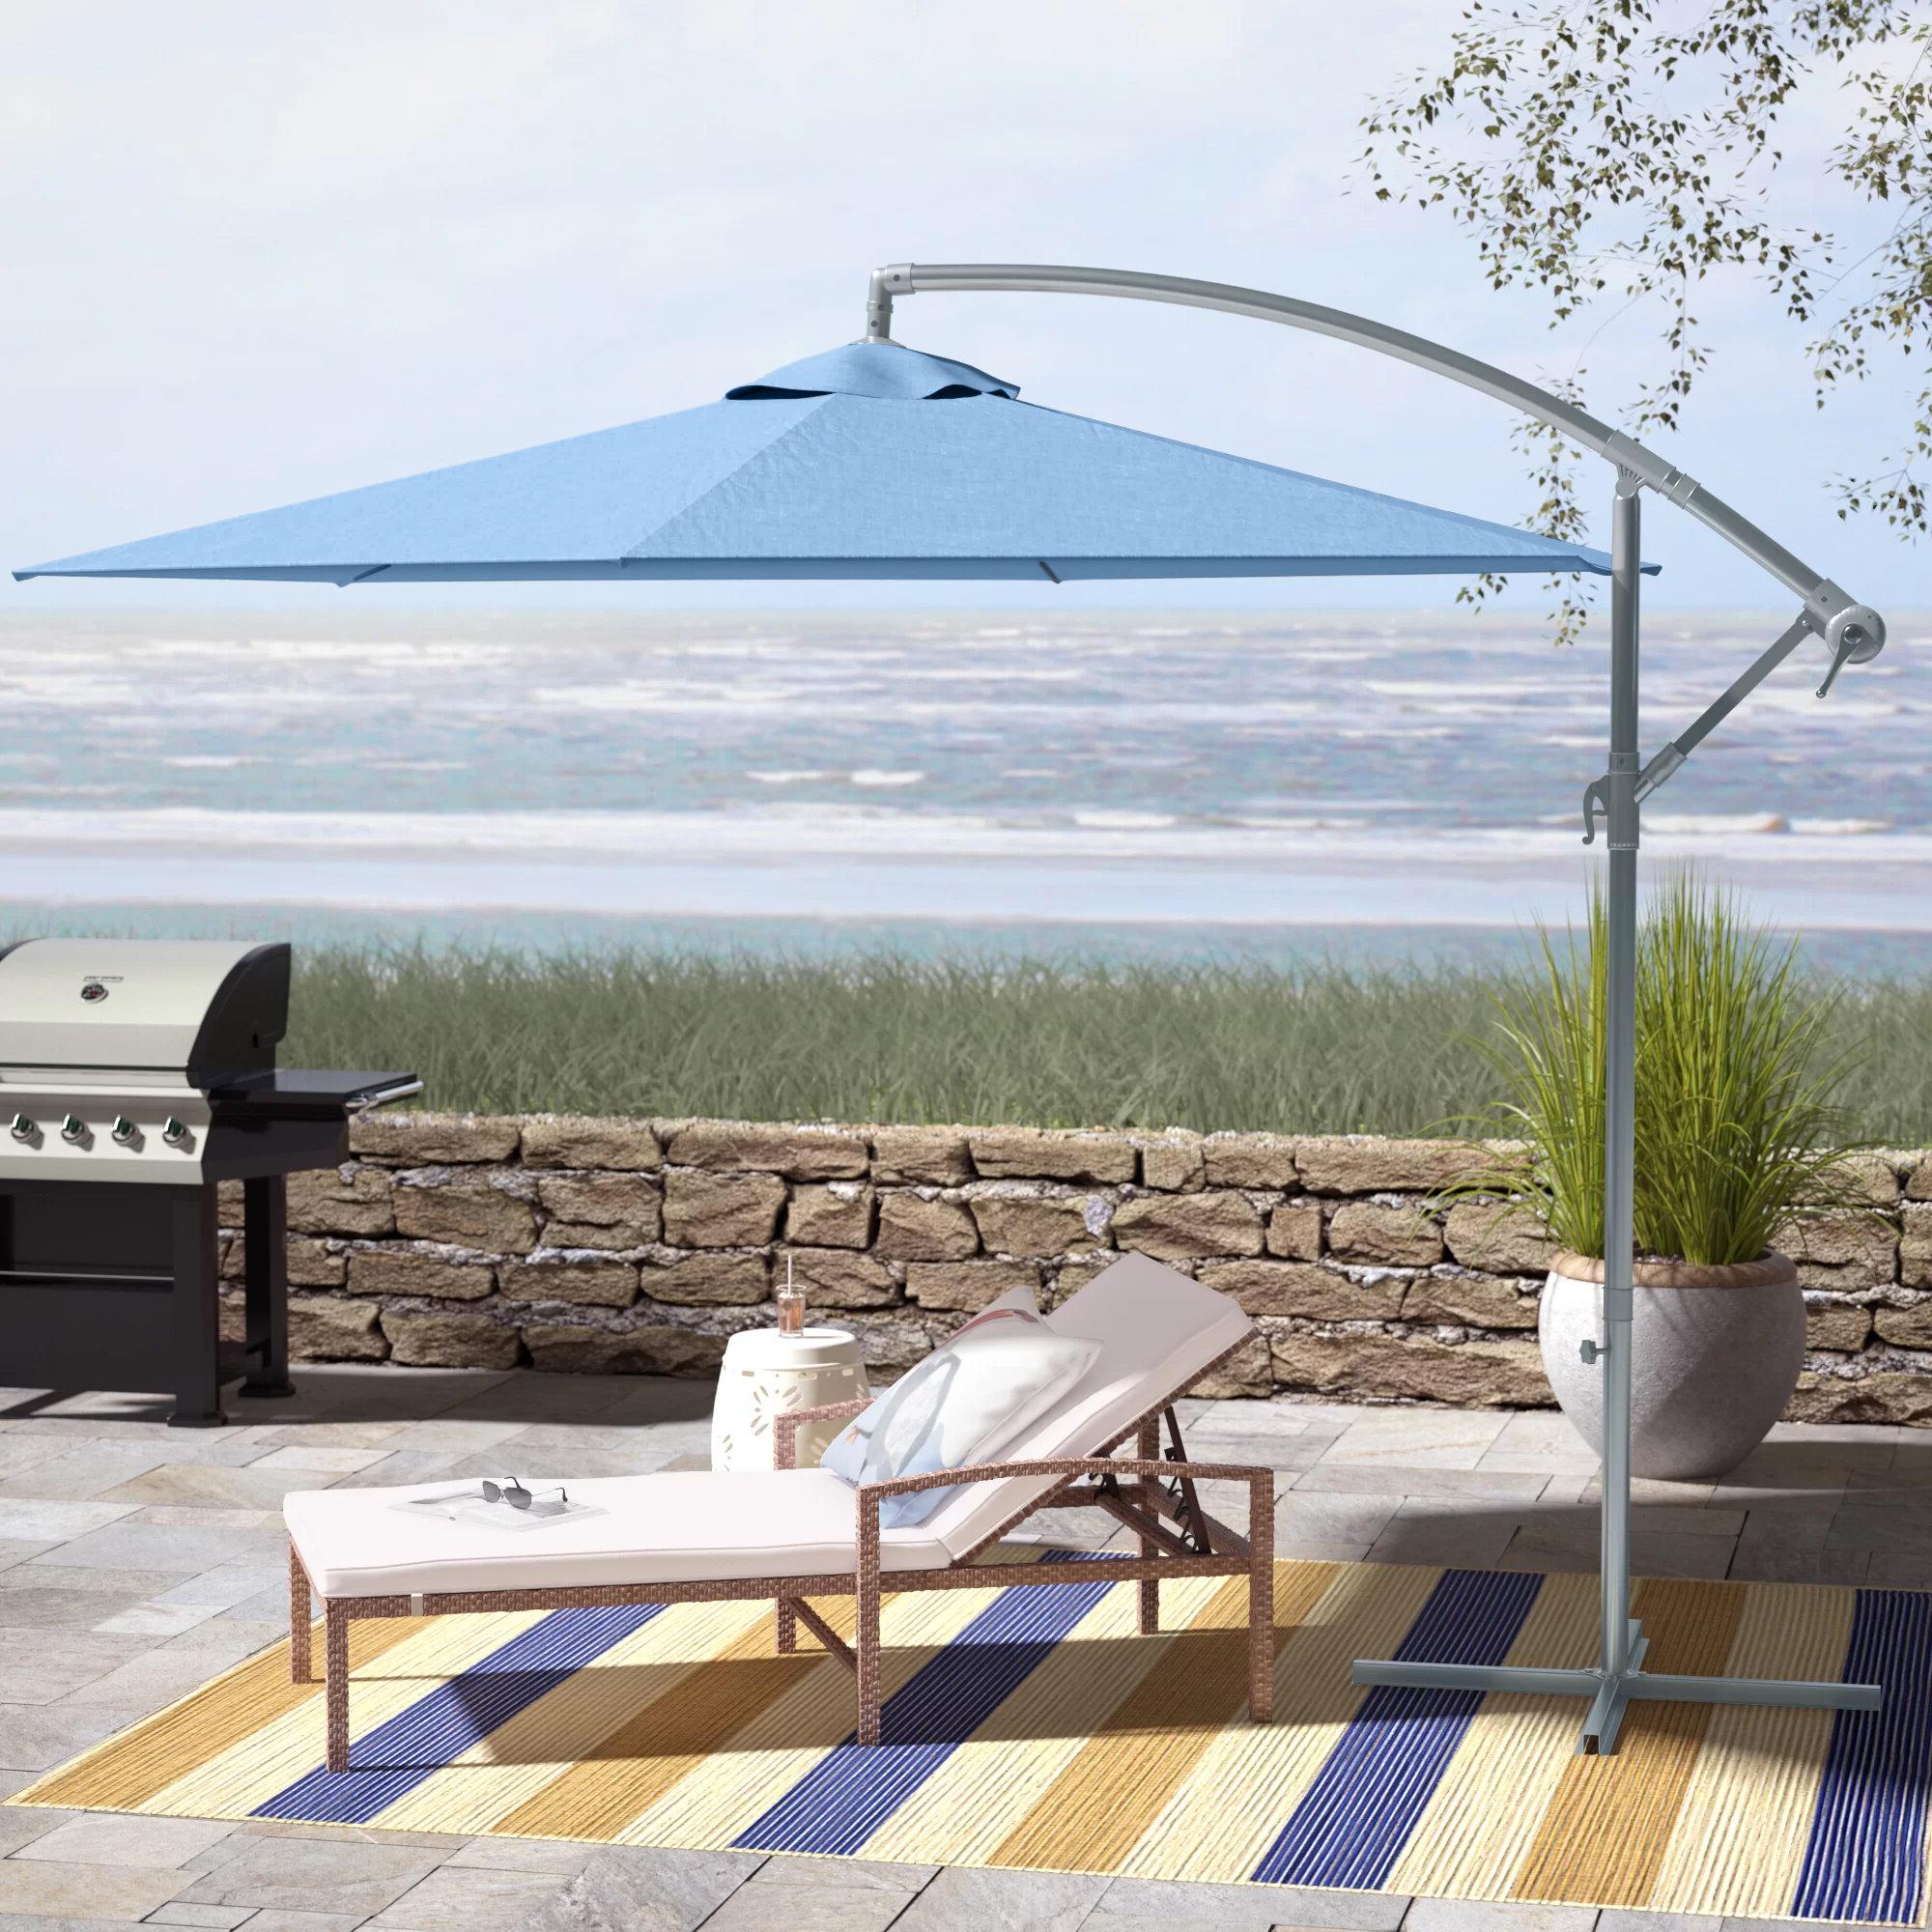 Muhammad Fullerton 10' Cantilever Umbrella Regarding Widely Used Vassalboro Cantilever Umbrellas (View 9 of 20)